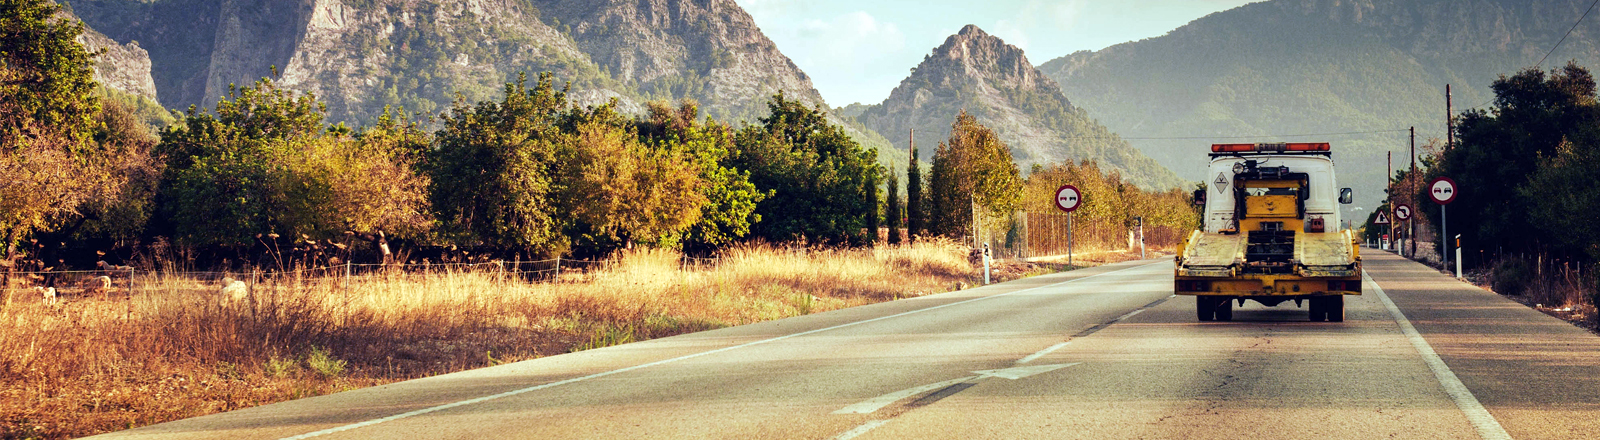 Ein Abschleppwagen fährt auf einer Straße in die Berge